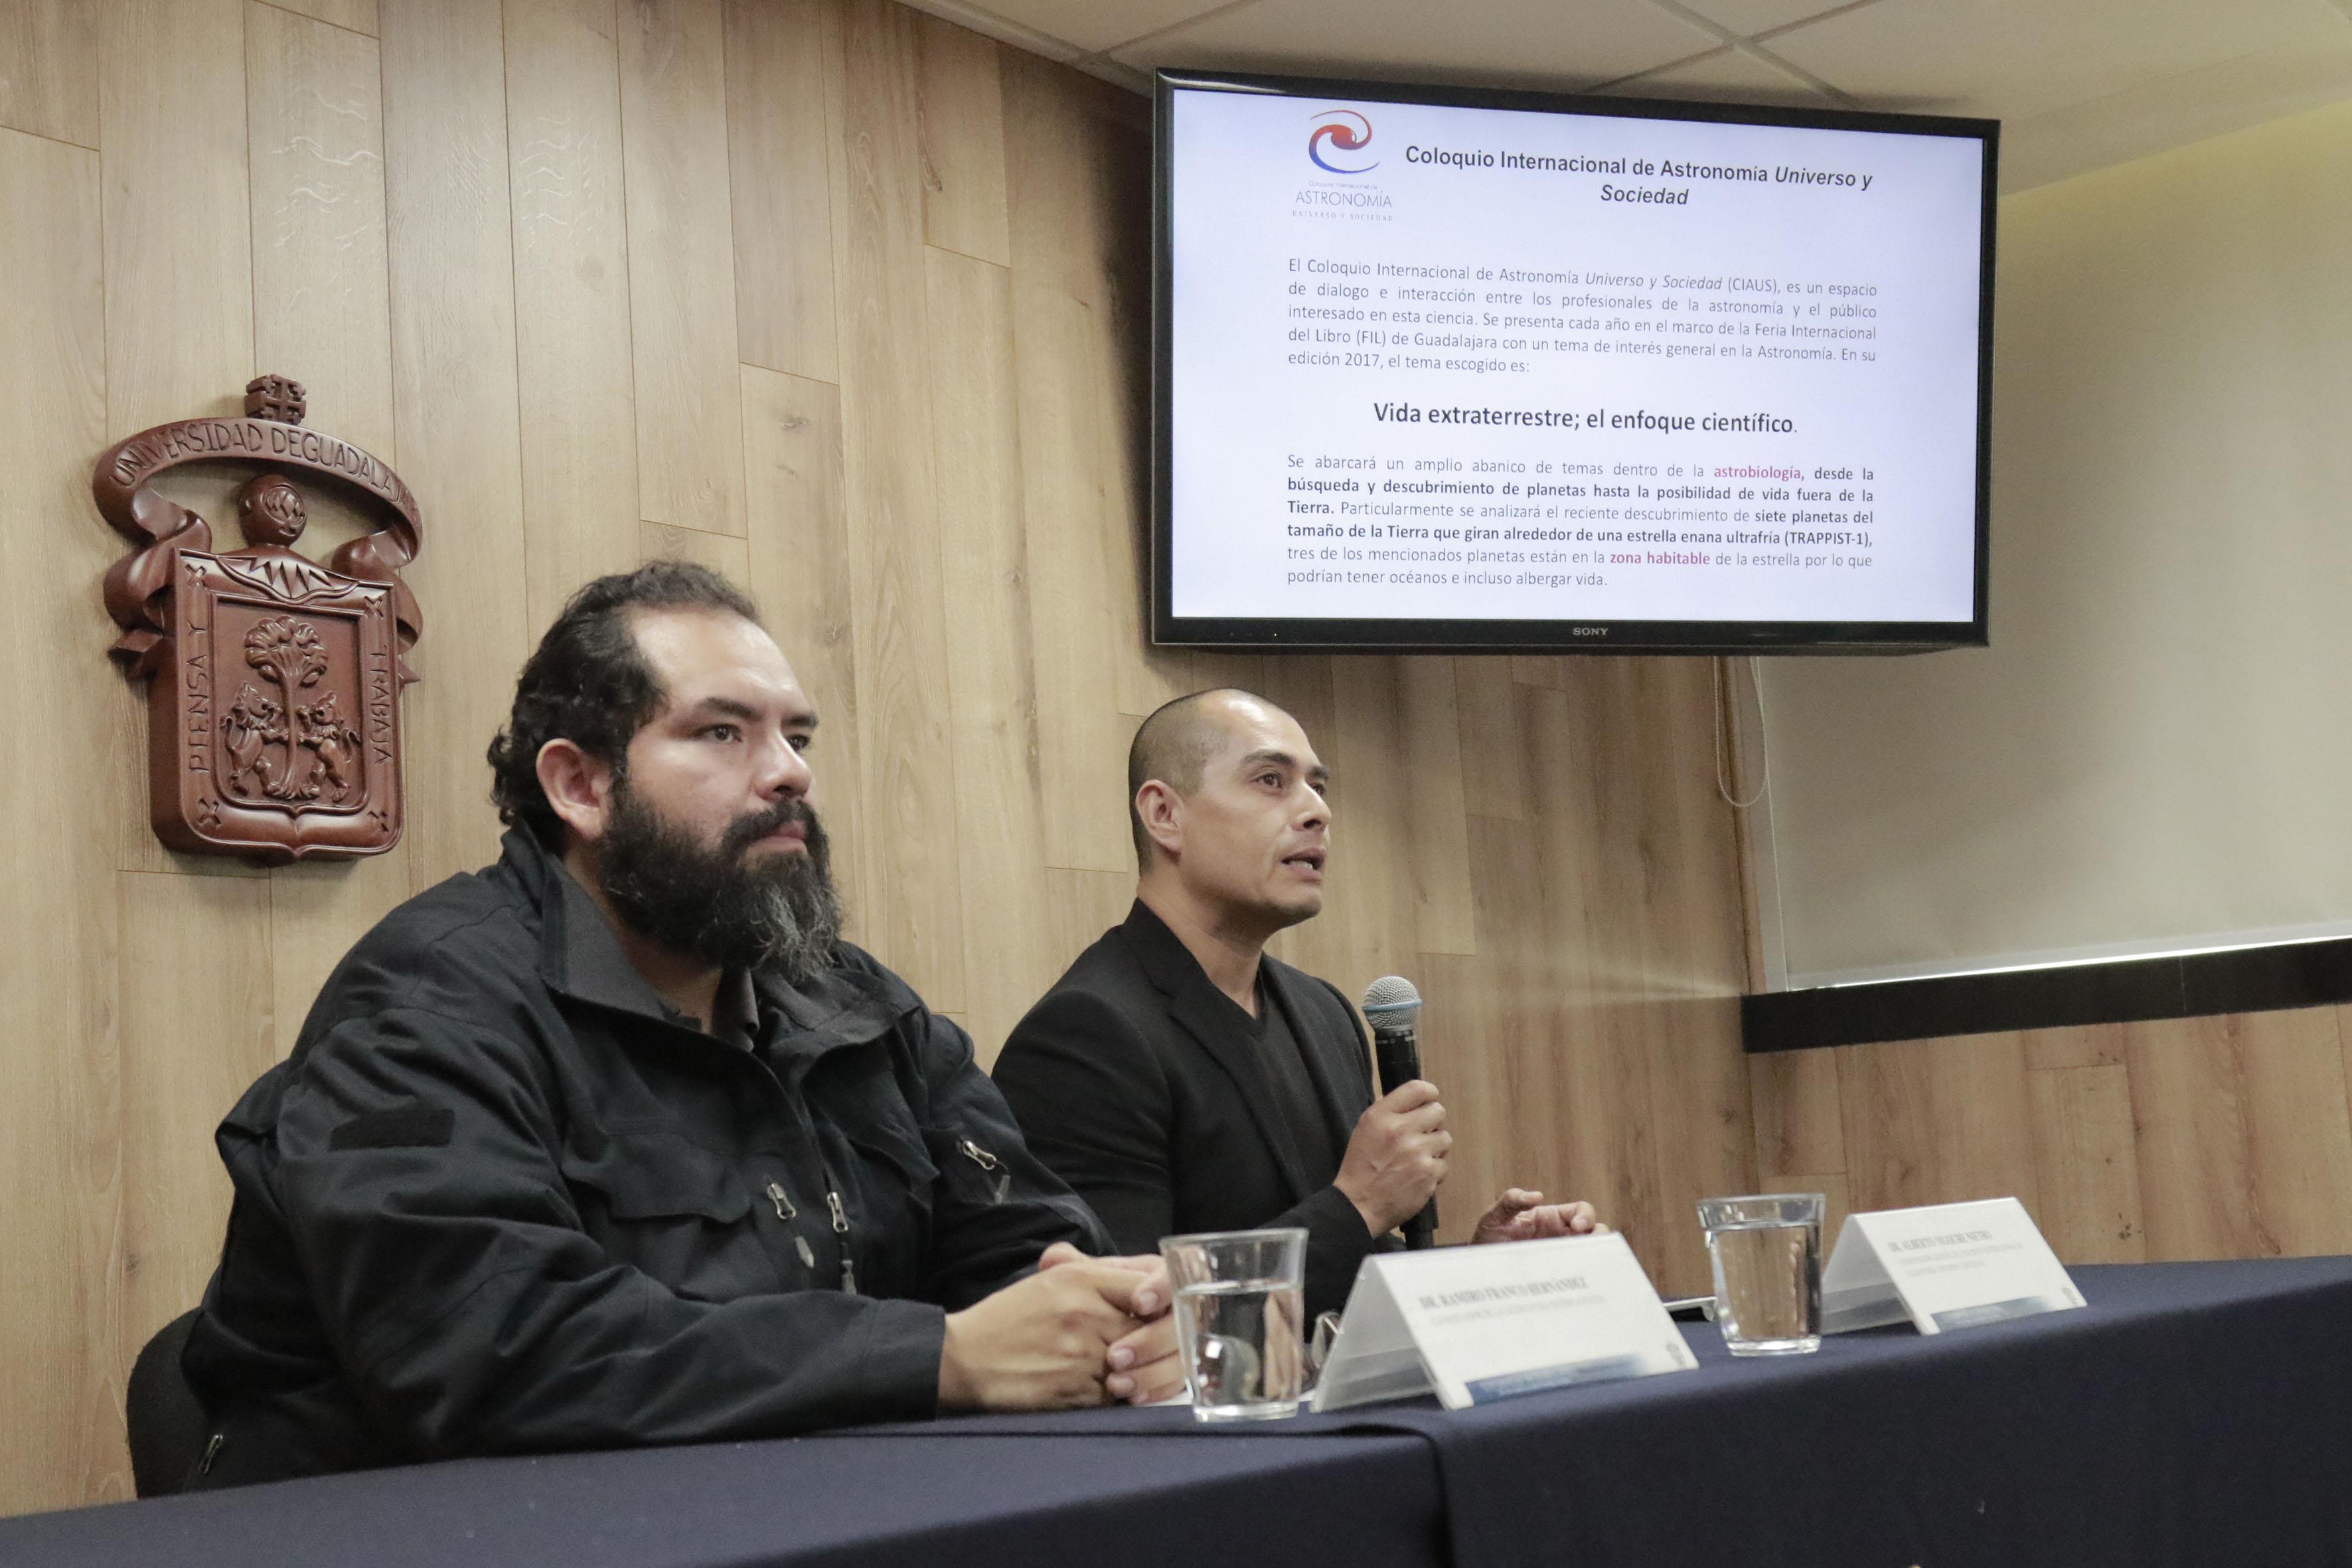 Rueda de prensa para anunciar el  III Coloquio Internacional de Astronomía y Sociedad en la FIL